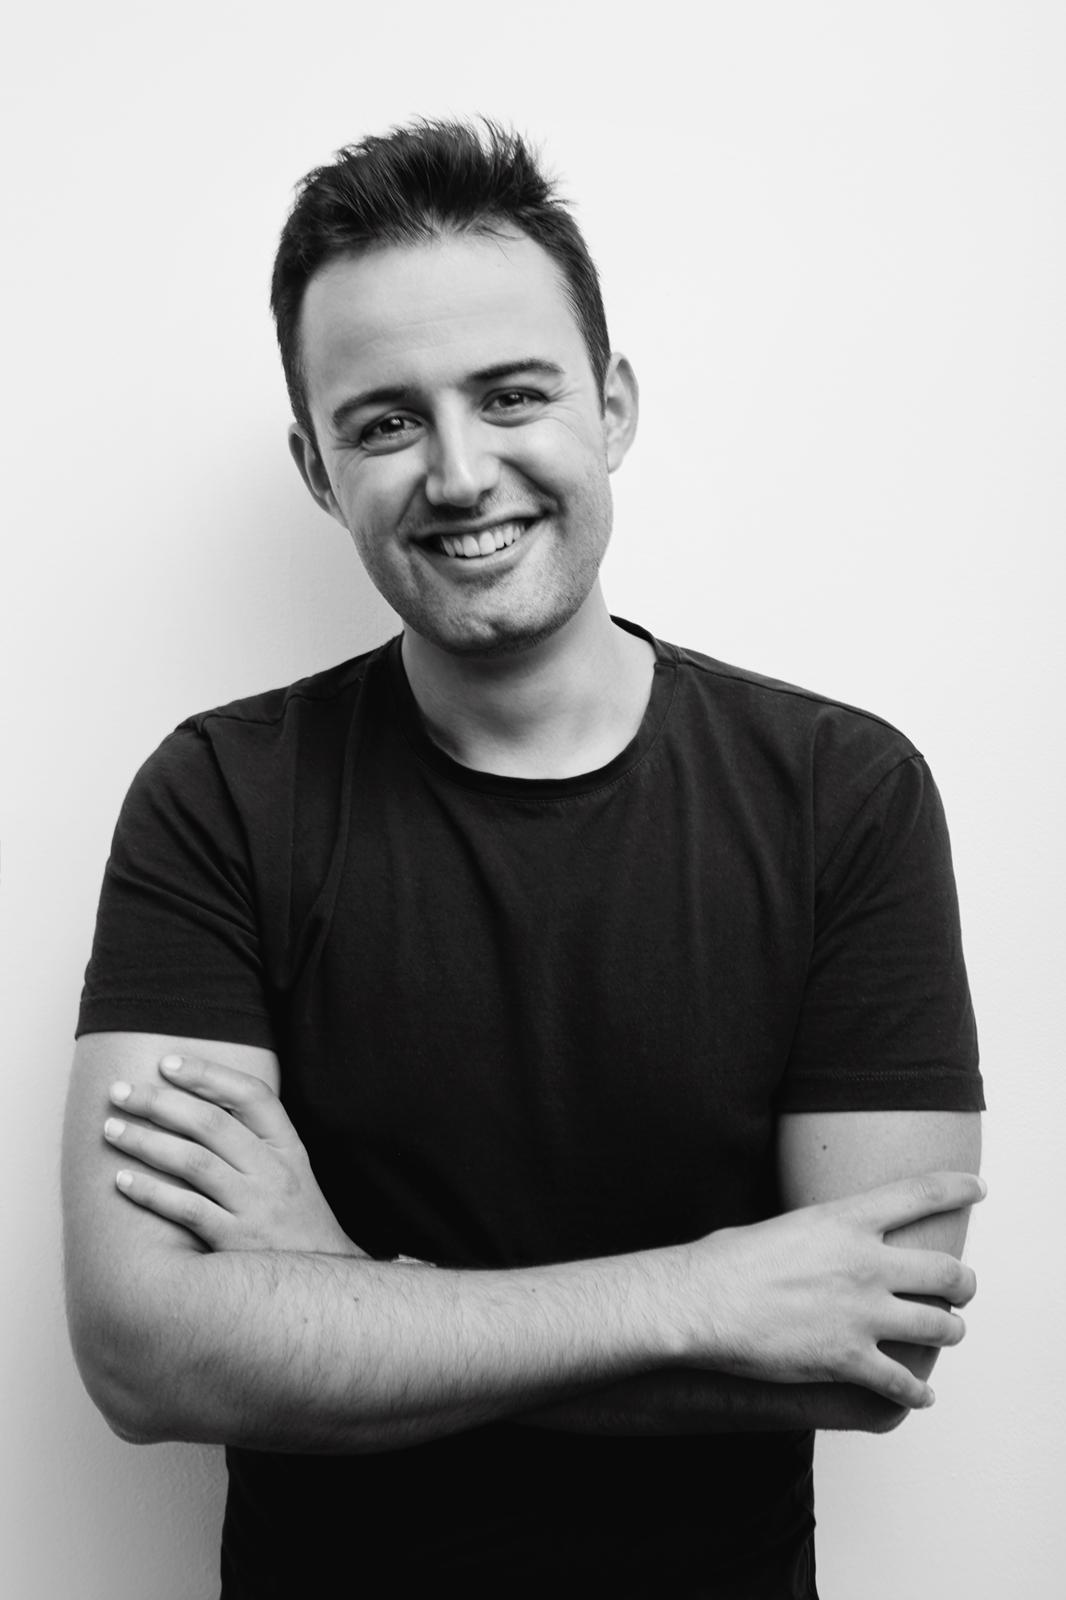 asier aristregui combina su labor de retocador y artista cgi con su labor como docente